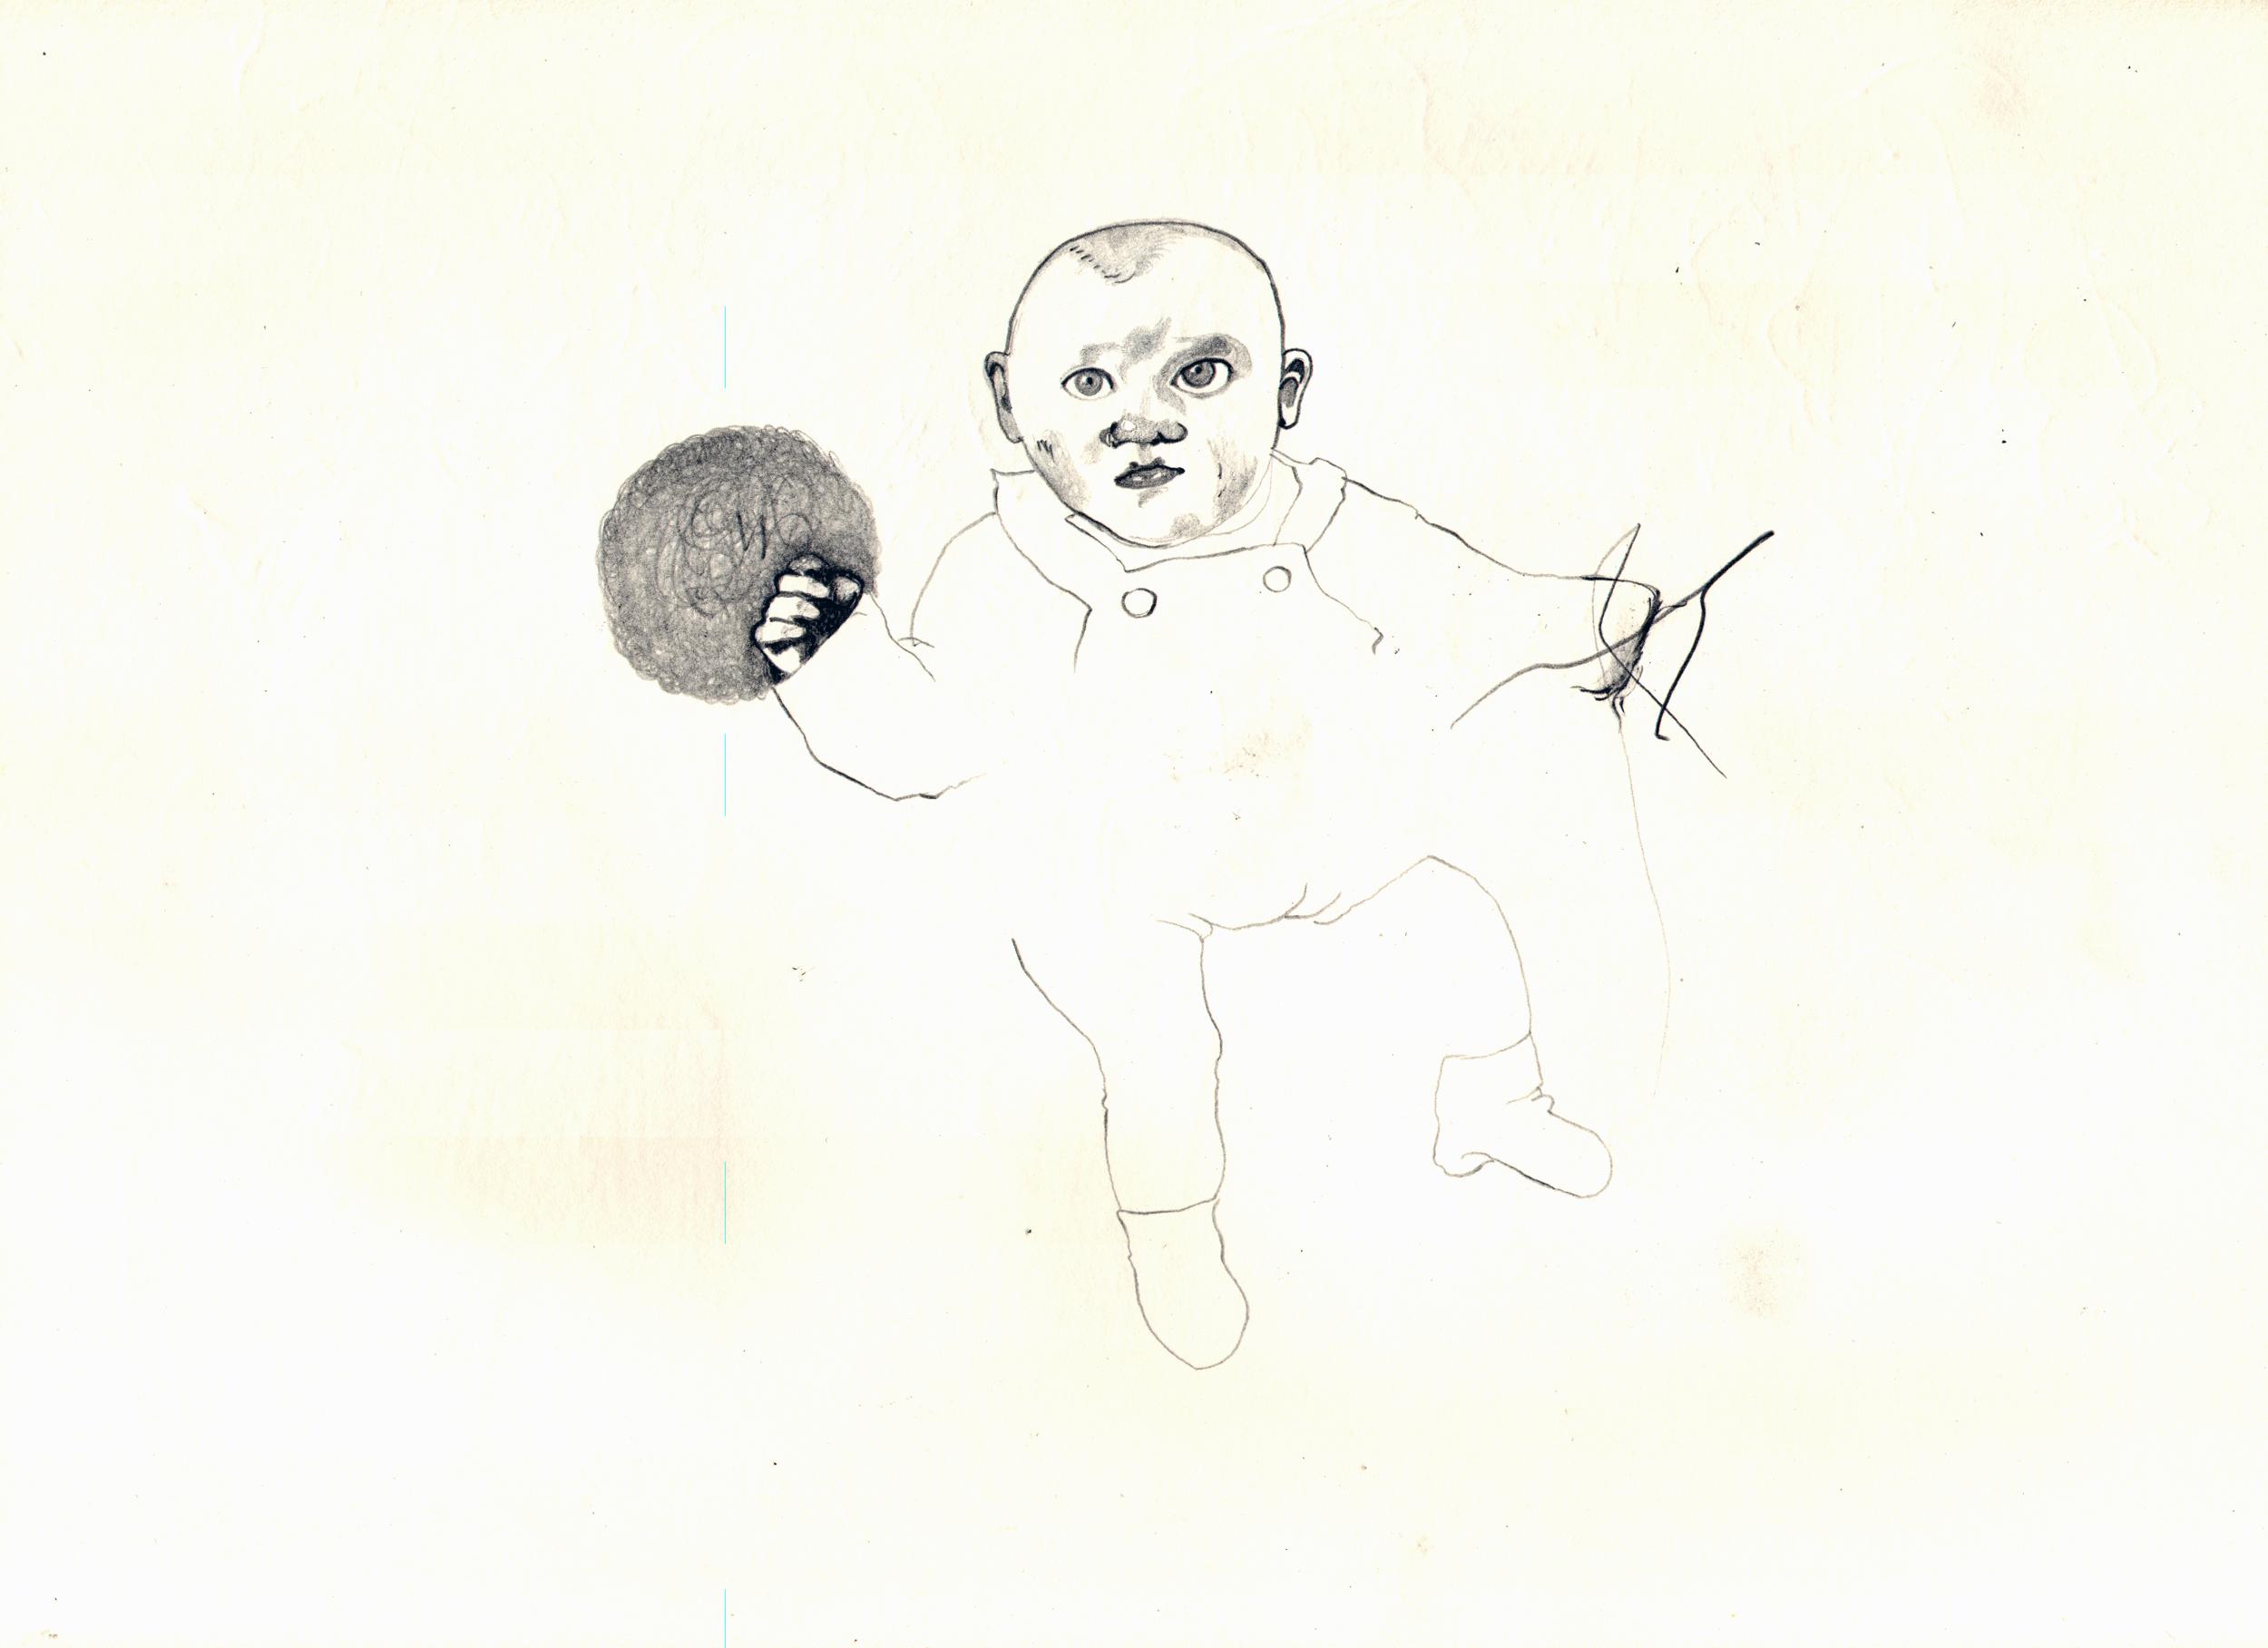 O.T. ( 2blle ), 2005  Bleistift auf Papier, 26.5x35cm